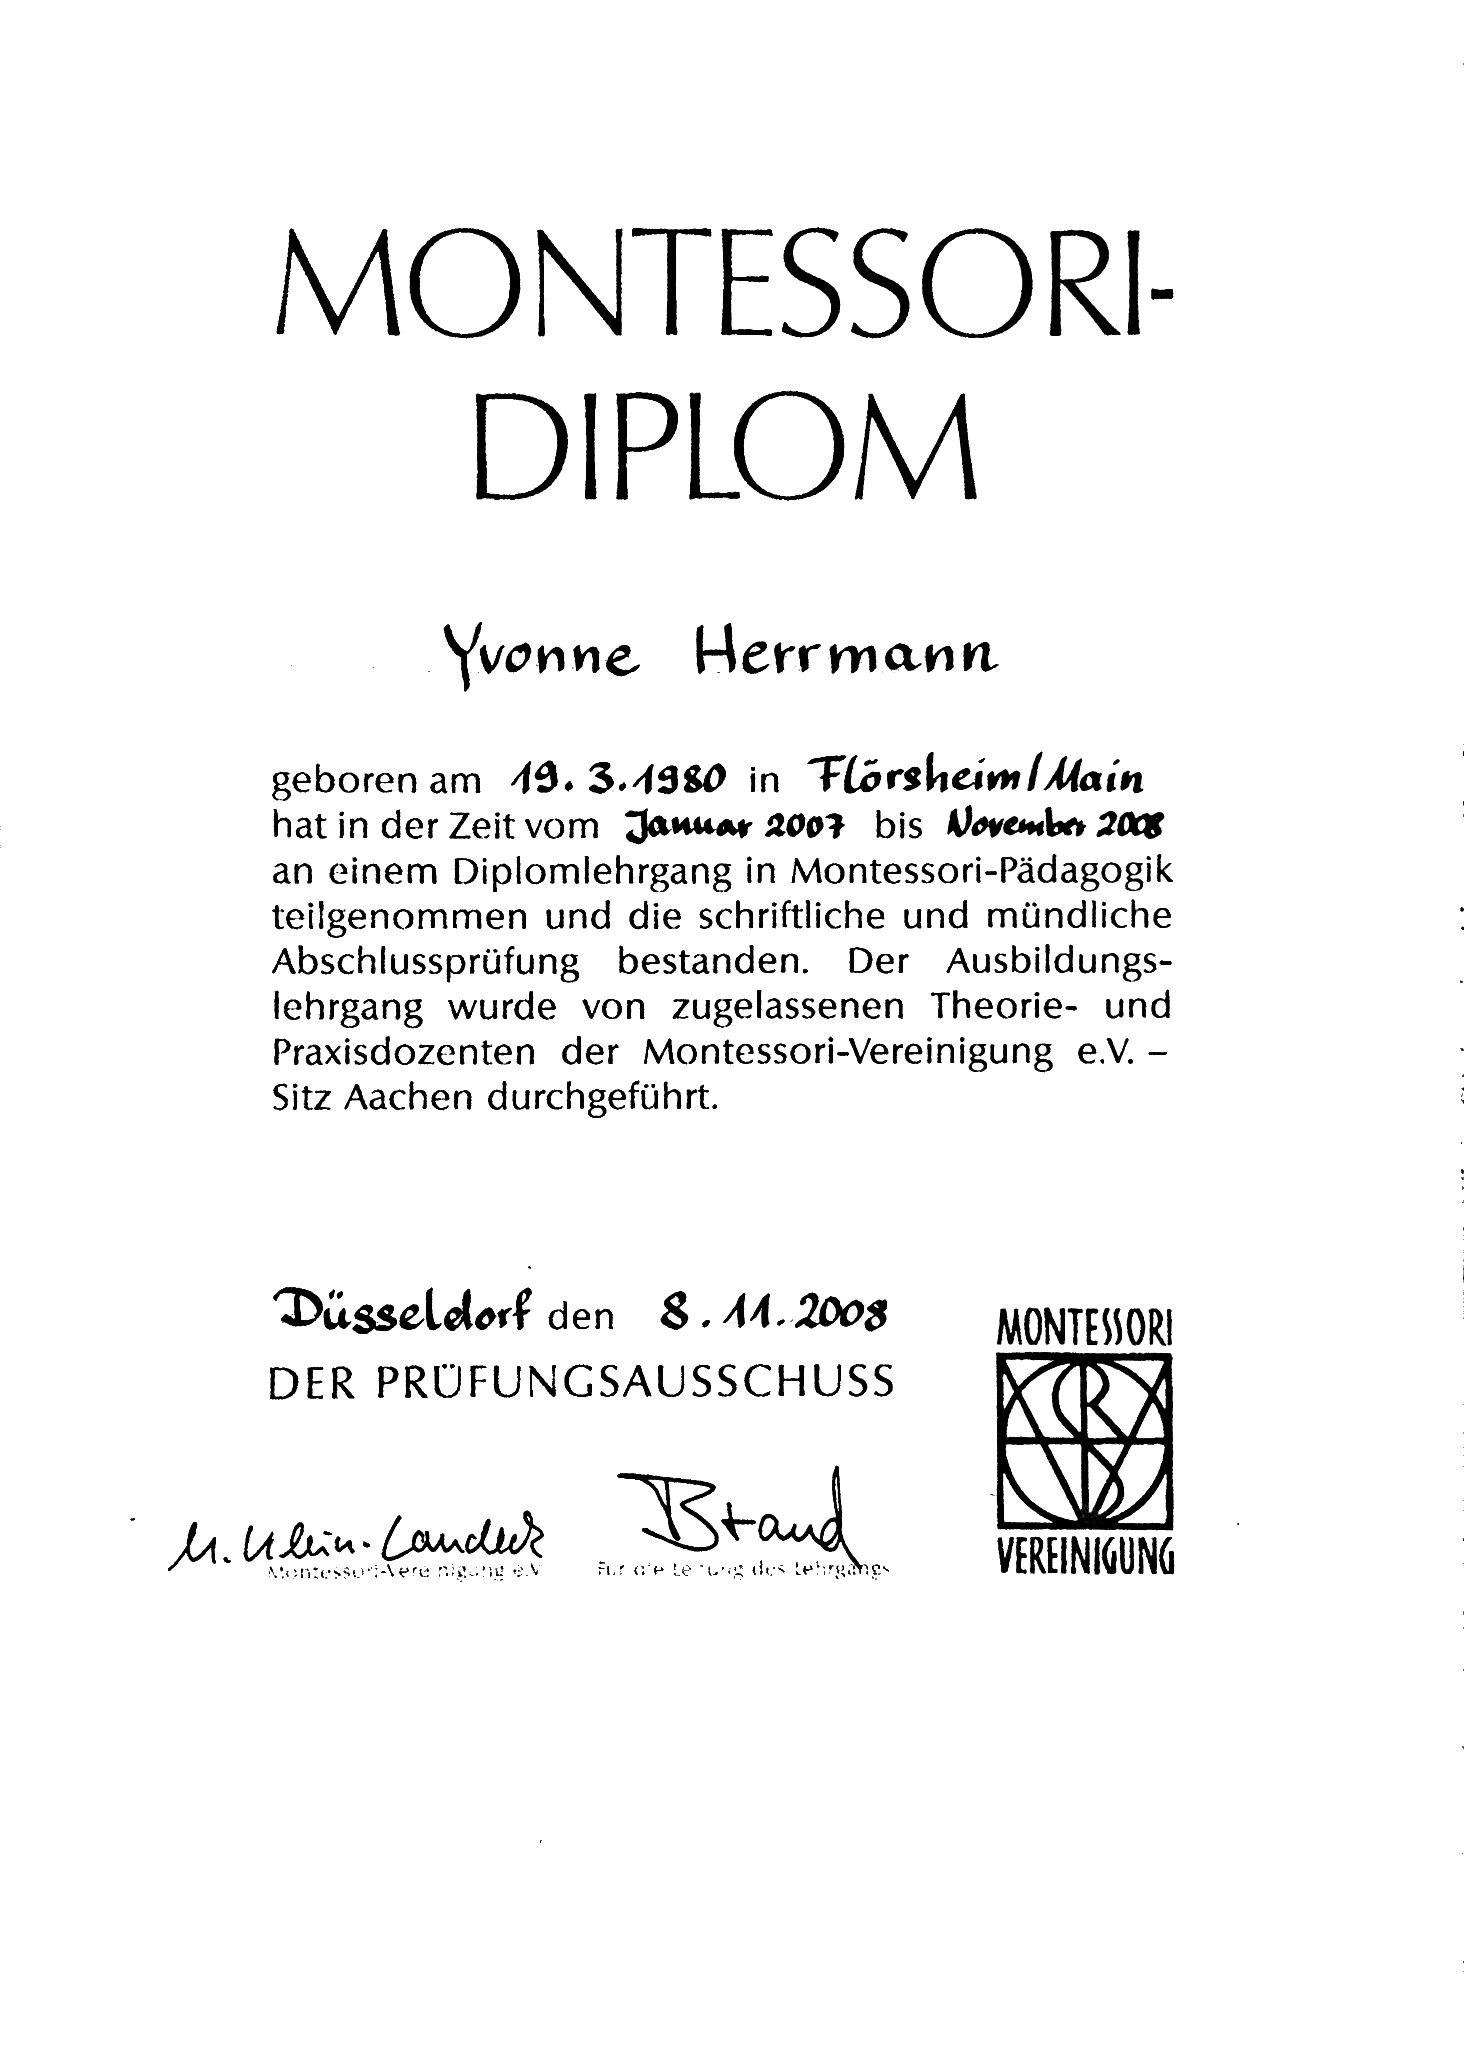 Das Montessori-Diplom von Yvonne Herrmann